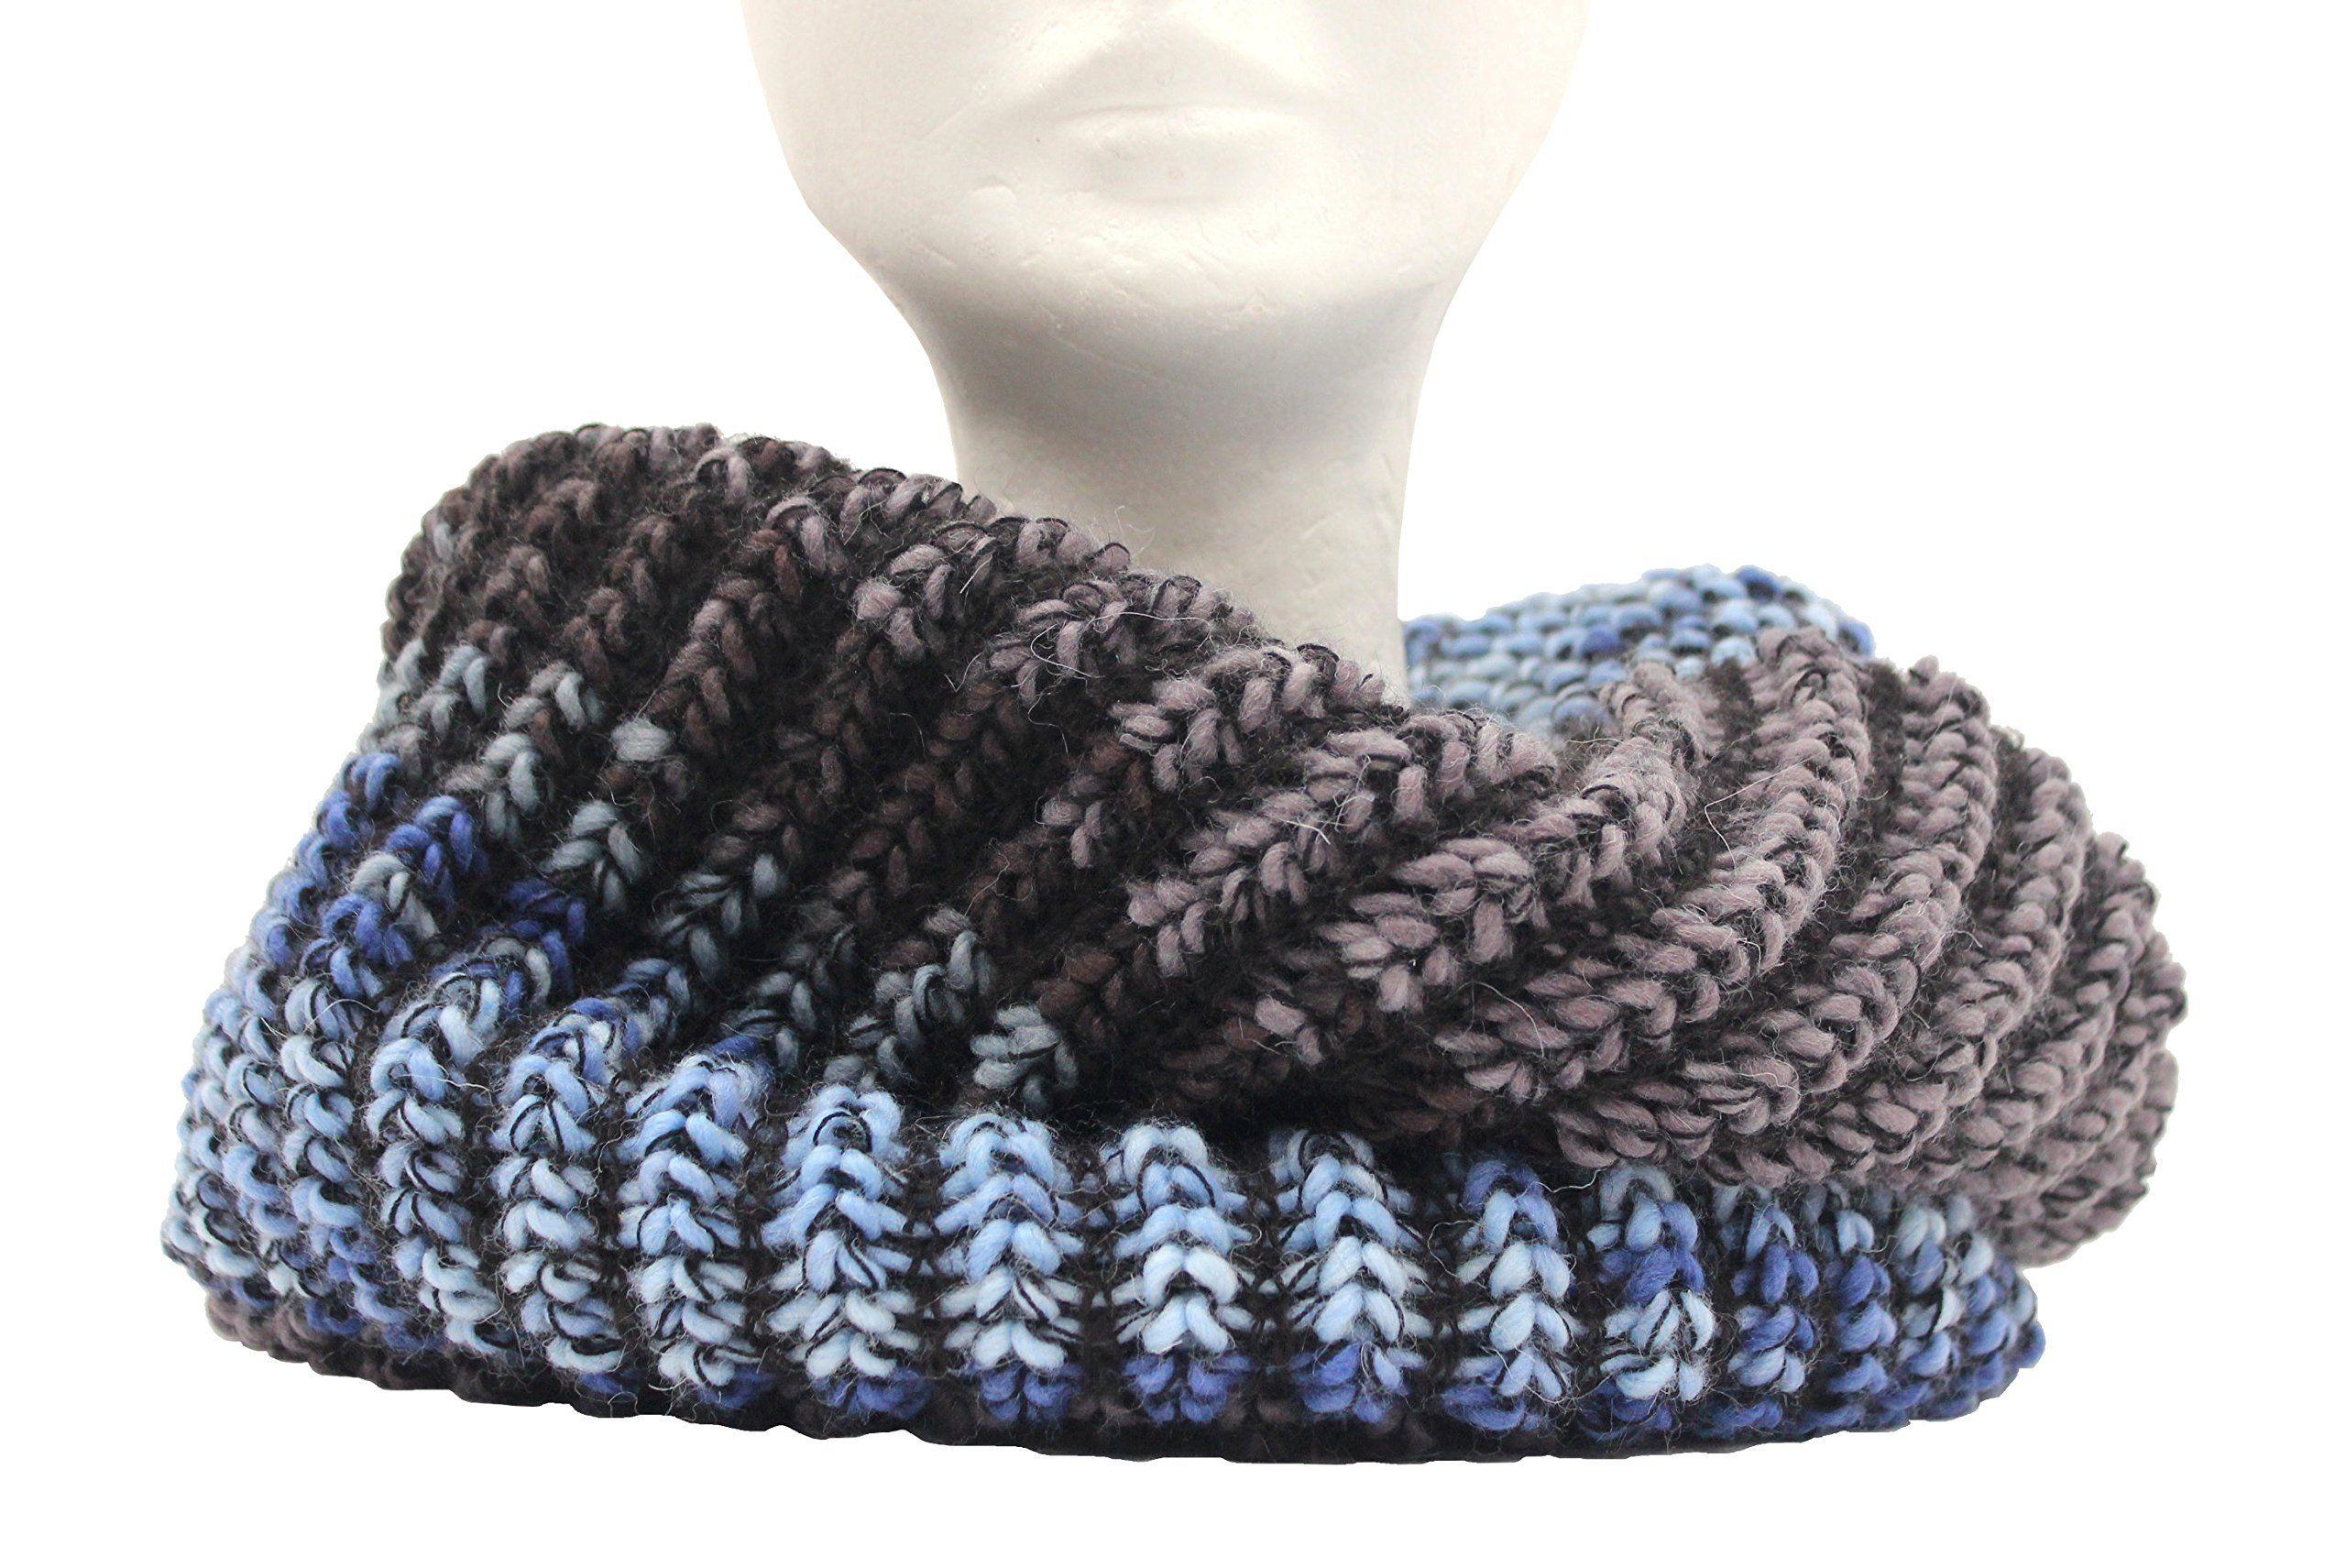 nuovo prodotto 15c99 81fa6 Scaldacollo in maglia, sciarpa ad anello unisex stampato col ...